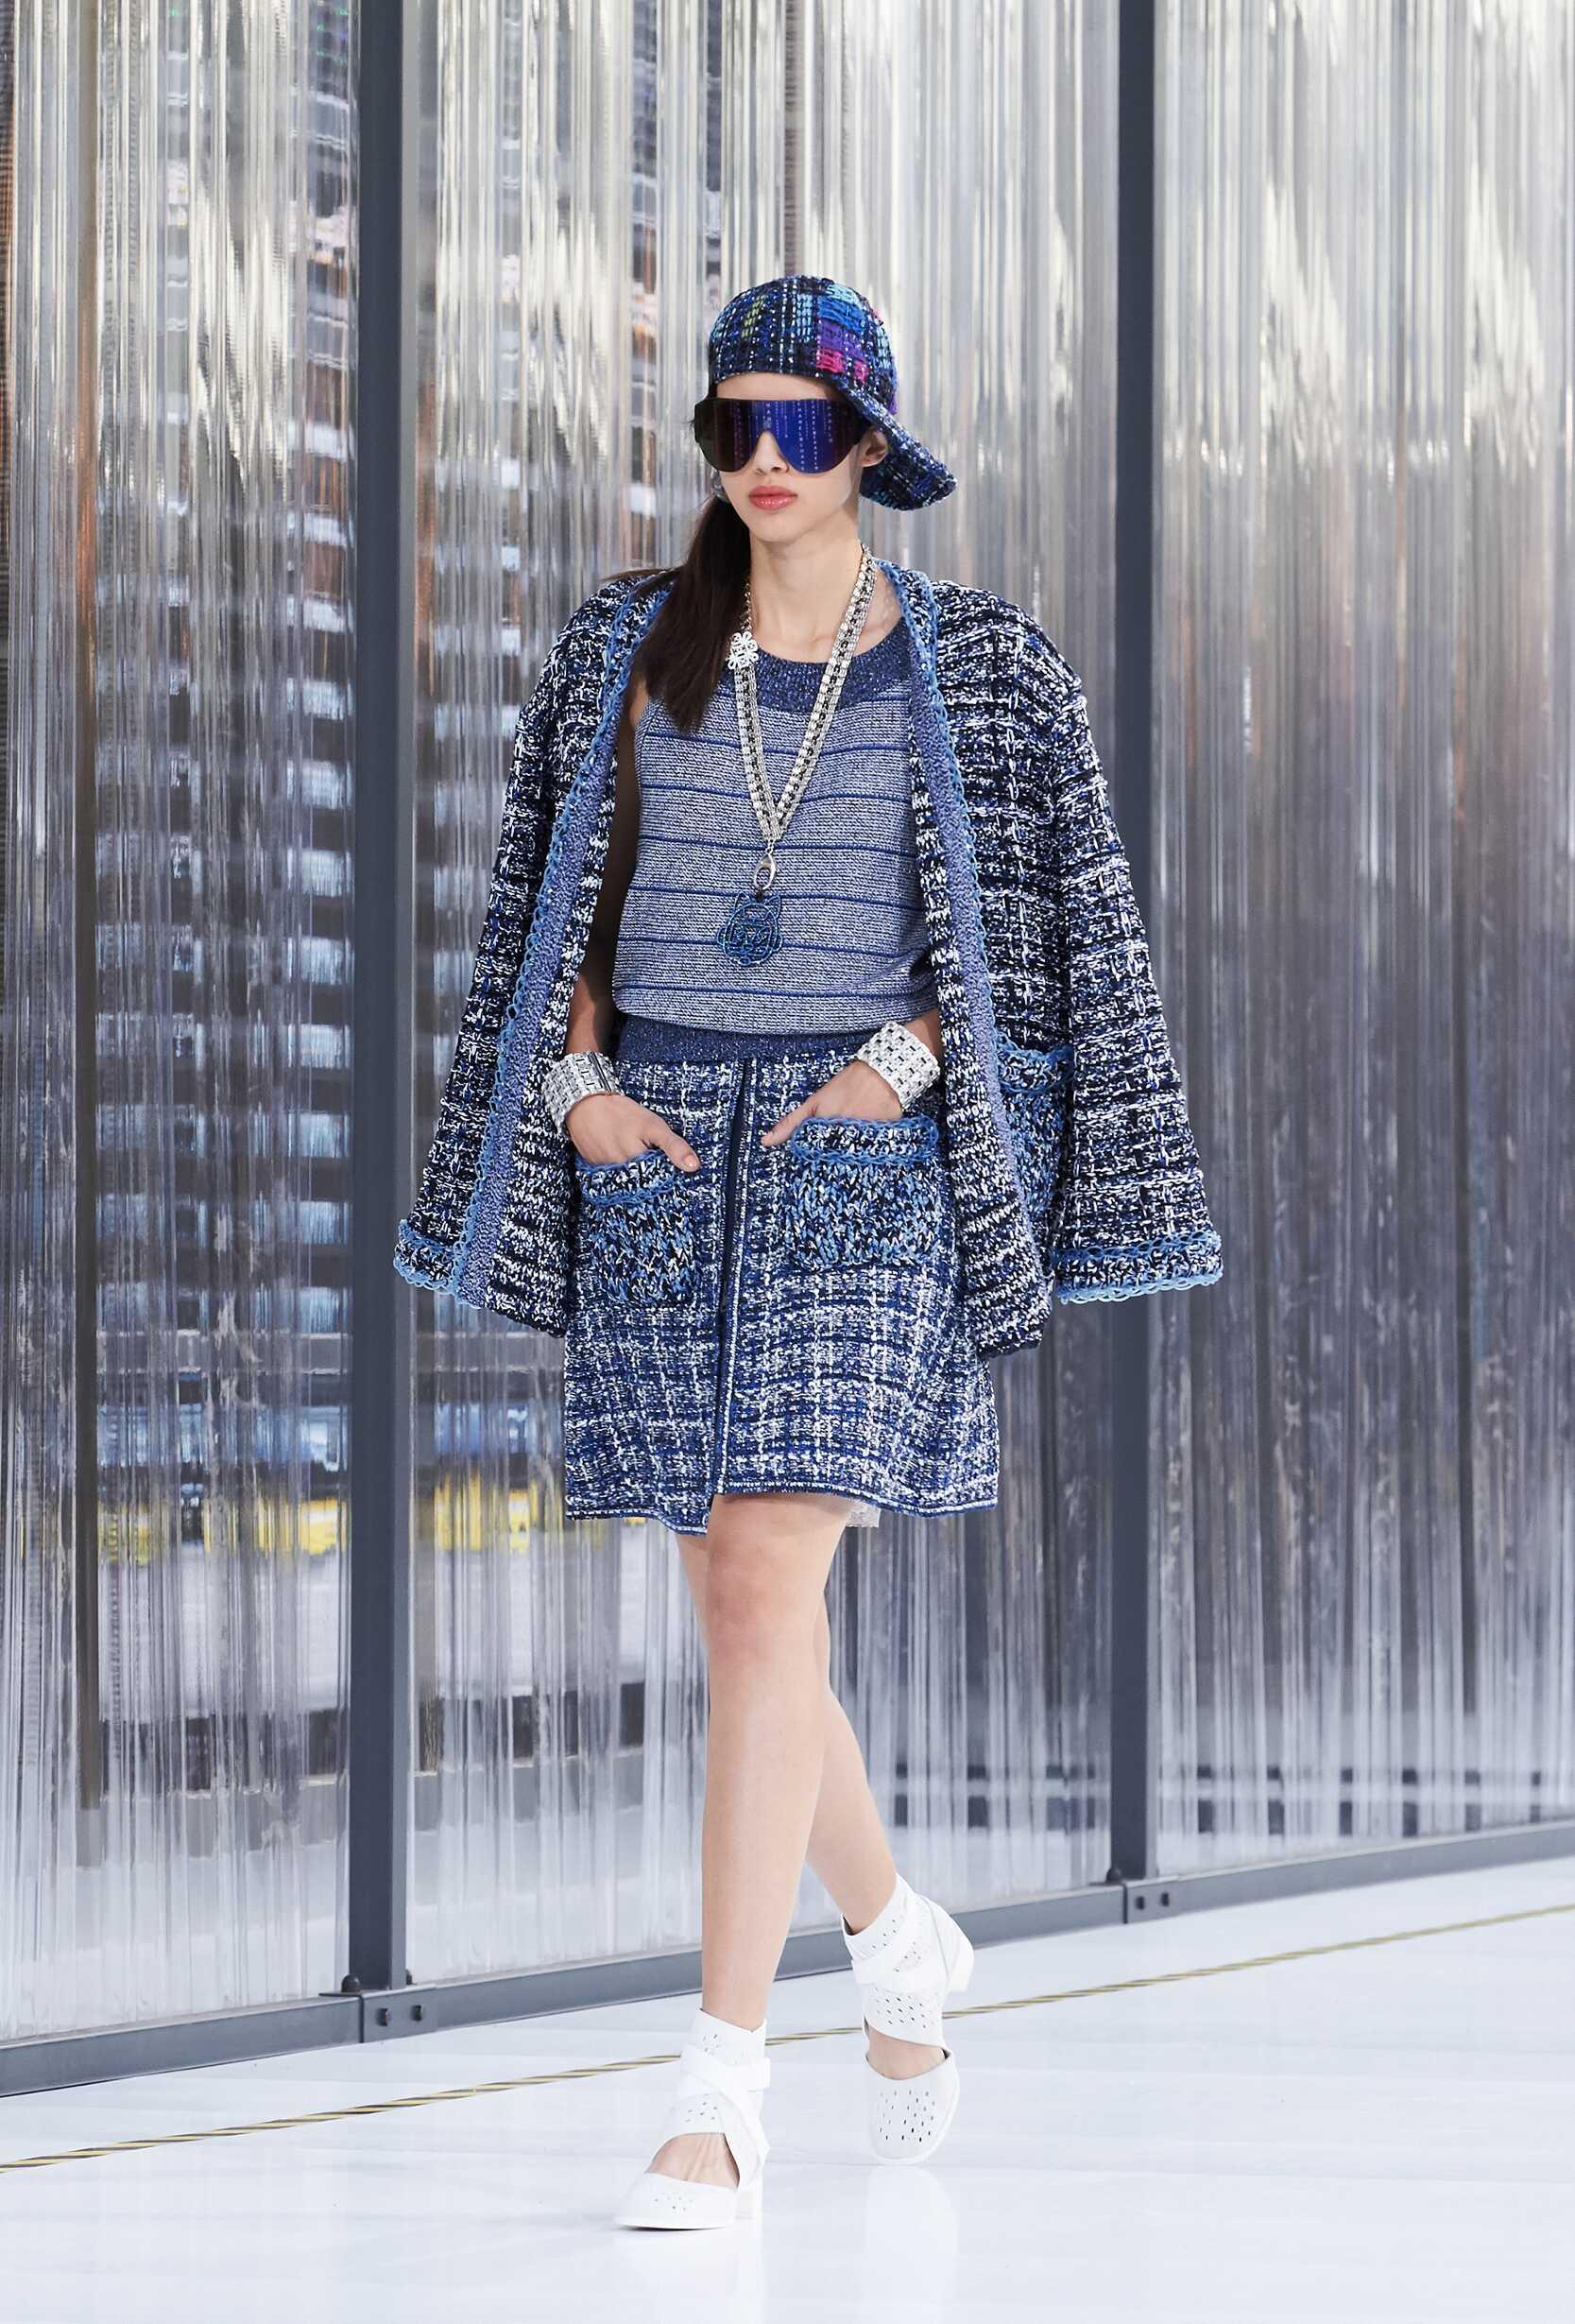 Spring Fashion 2017 Chanel